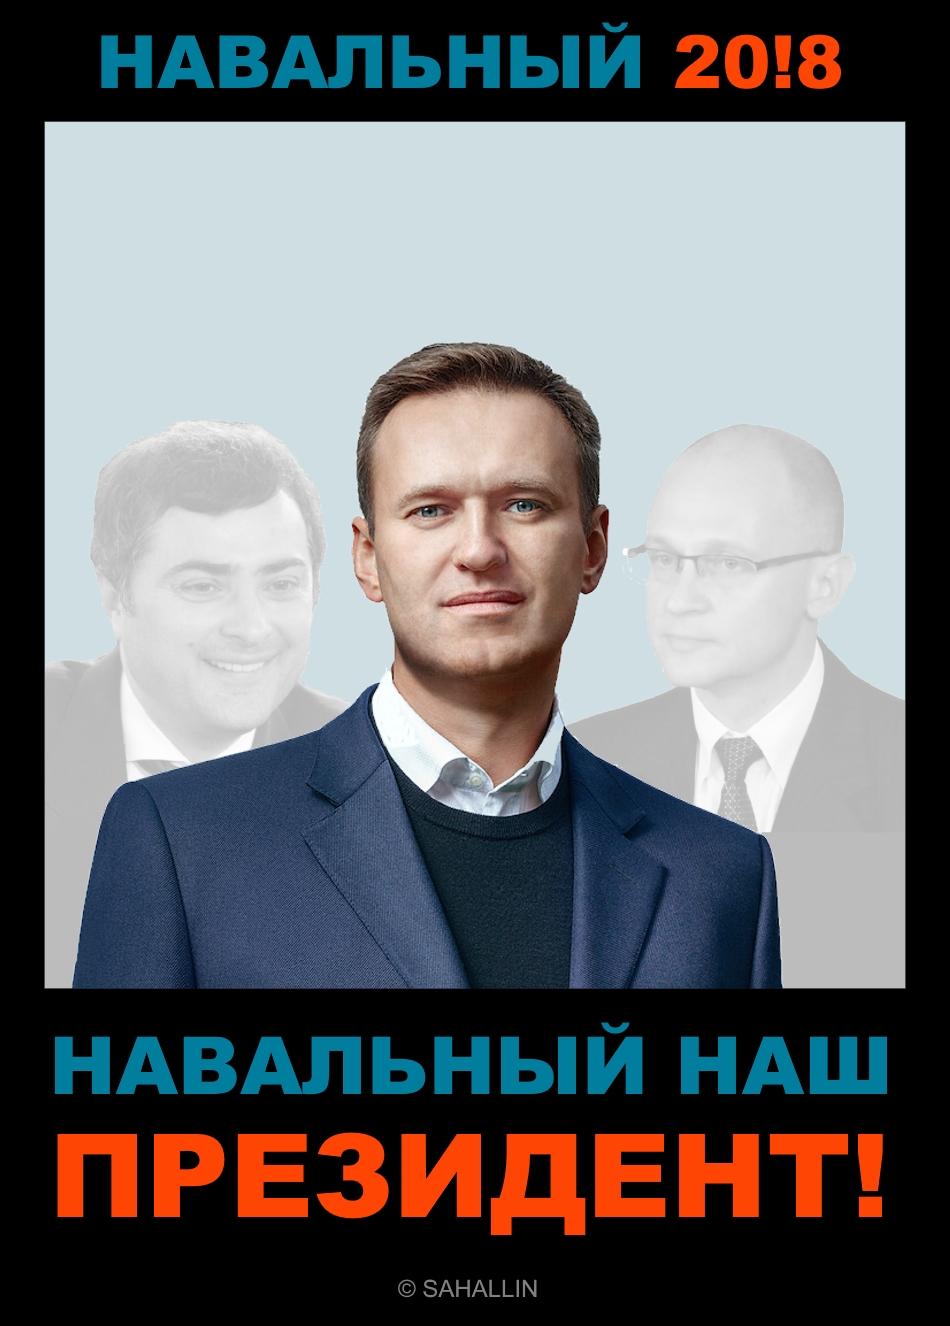 Навальный_наш_президент_Navalny